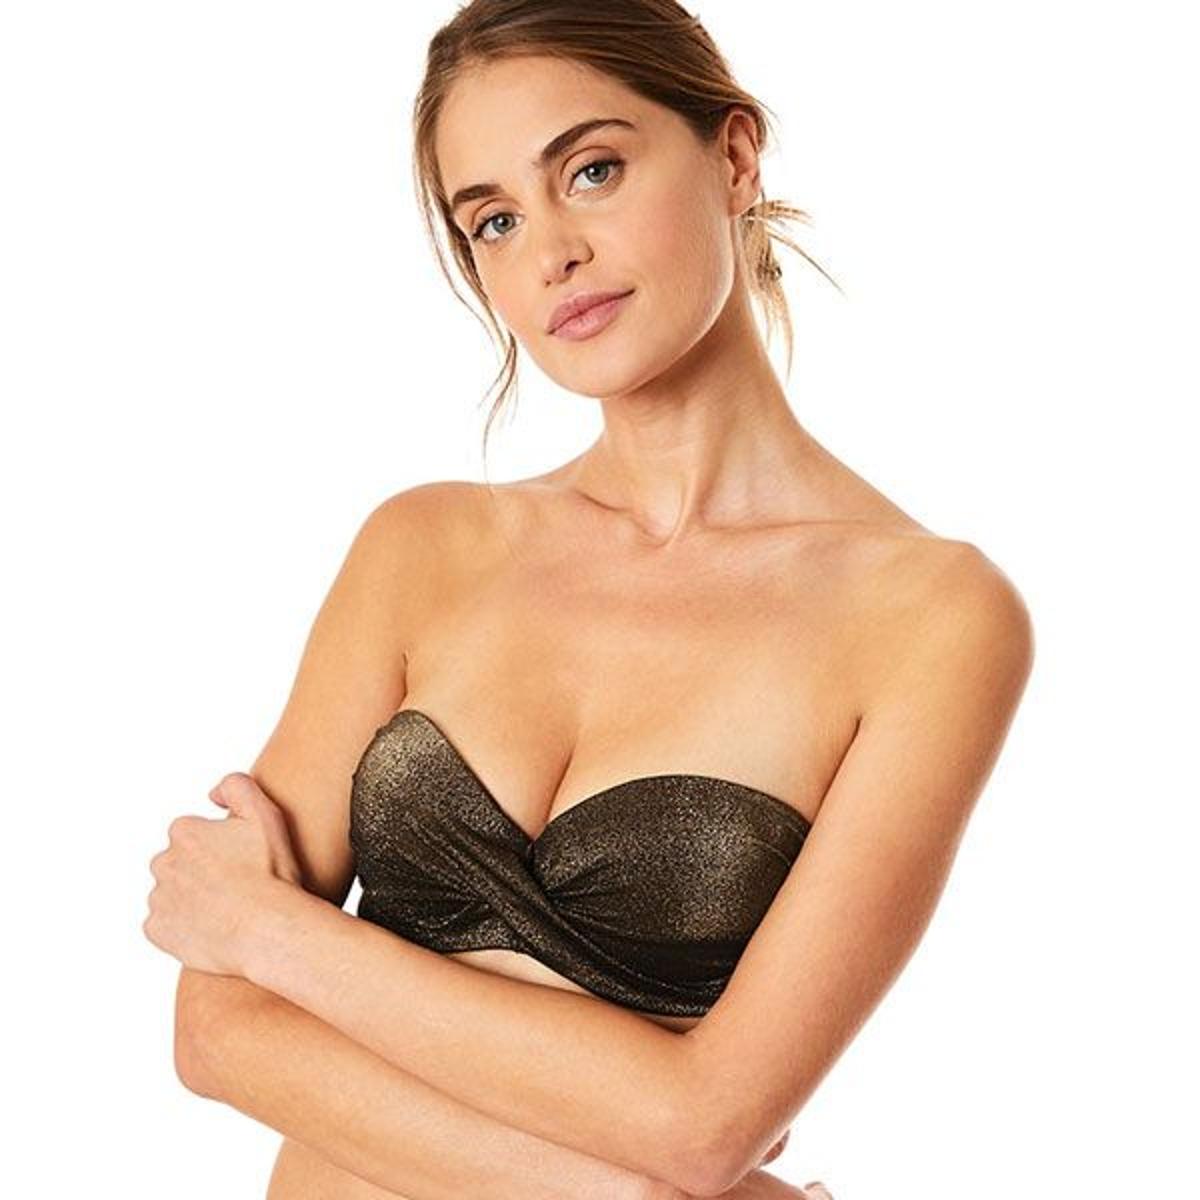 866a9d37994b Haut de maillot de bain 2 pieces femme brillant MARTHE KERIOS. LIVIA